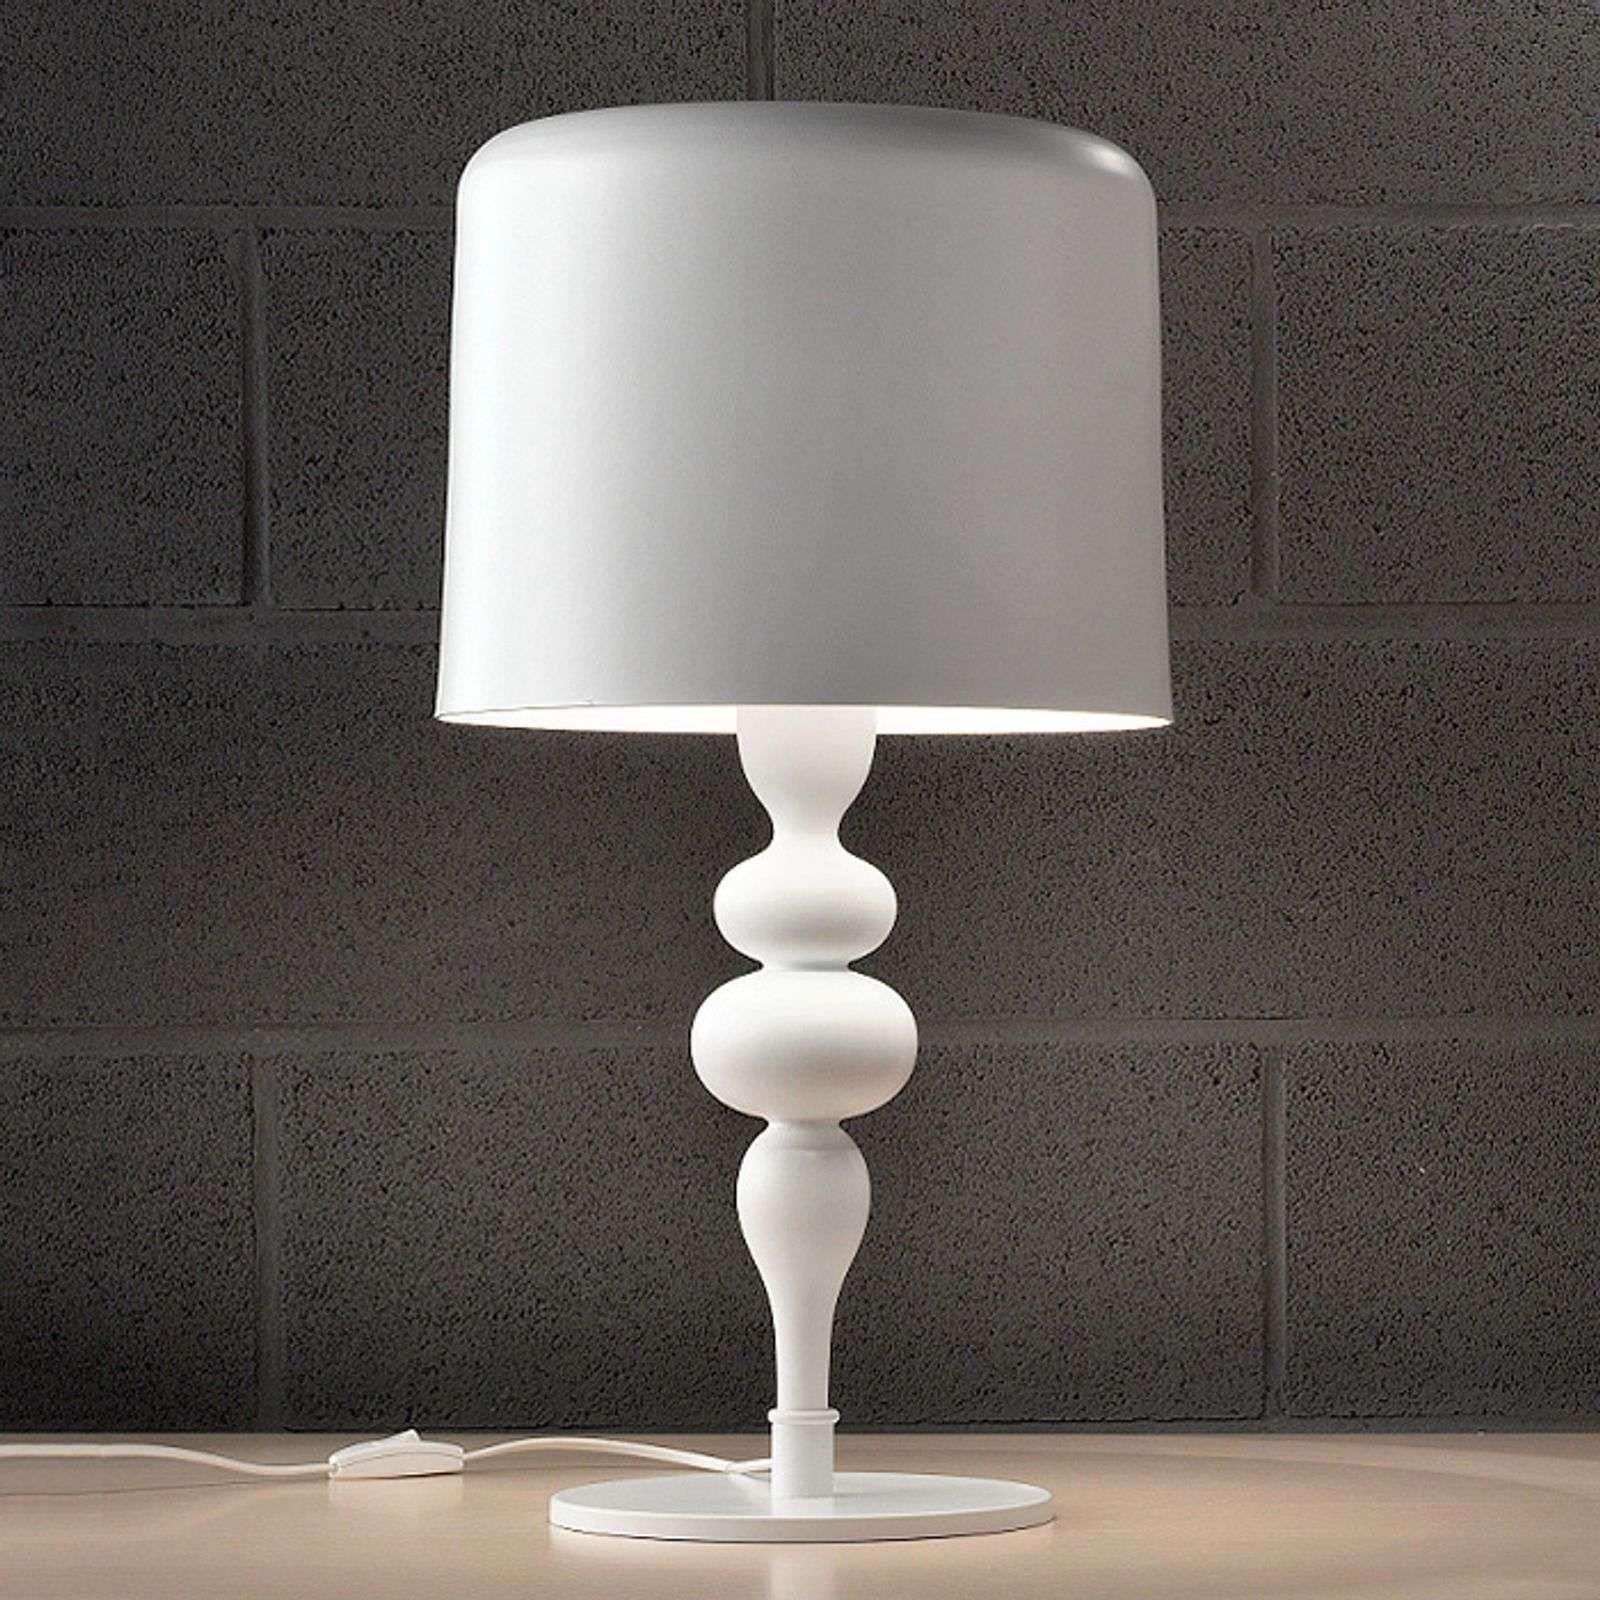 Nachttischleuchte Lampe Leuchte Designer Tischlampe Nachttischlampe Tischleuchte